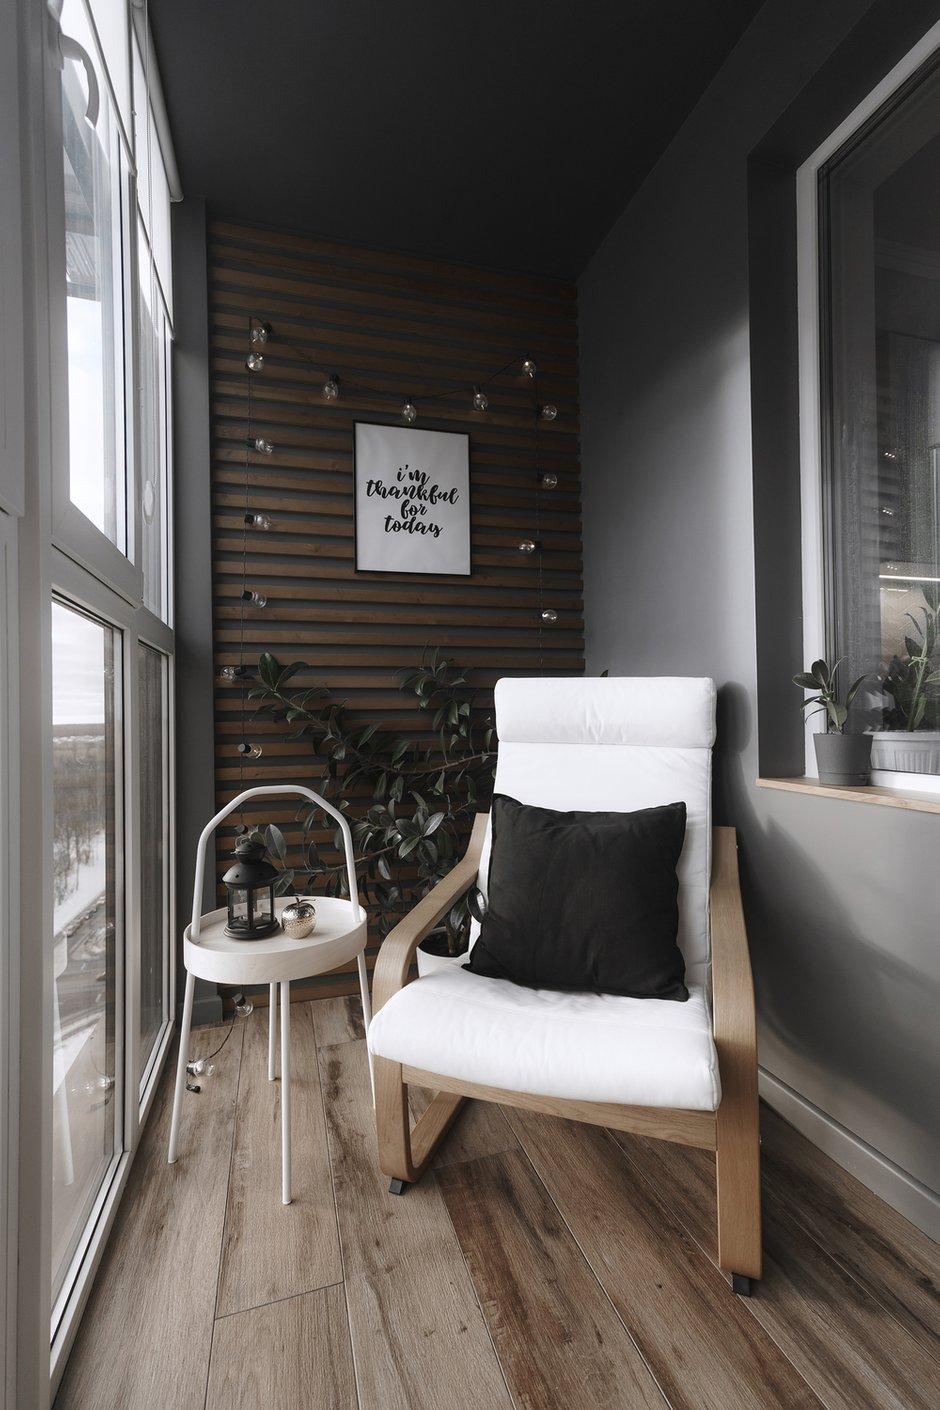 Фотография: Балкон в стиле Скандинавский, Современный, Квартира, Минимализм, Проект недели, Пенза, 3 комнаты, Более 90 метров, Юлия Власова – фото на INMYROOM